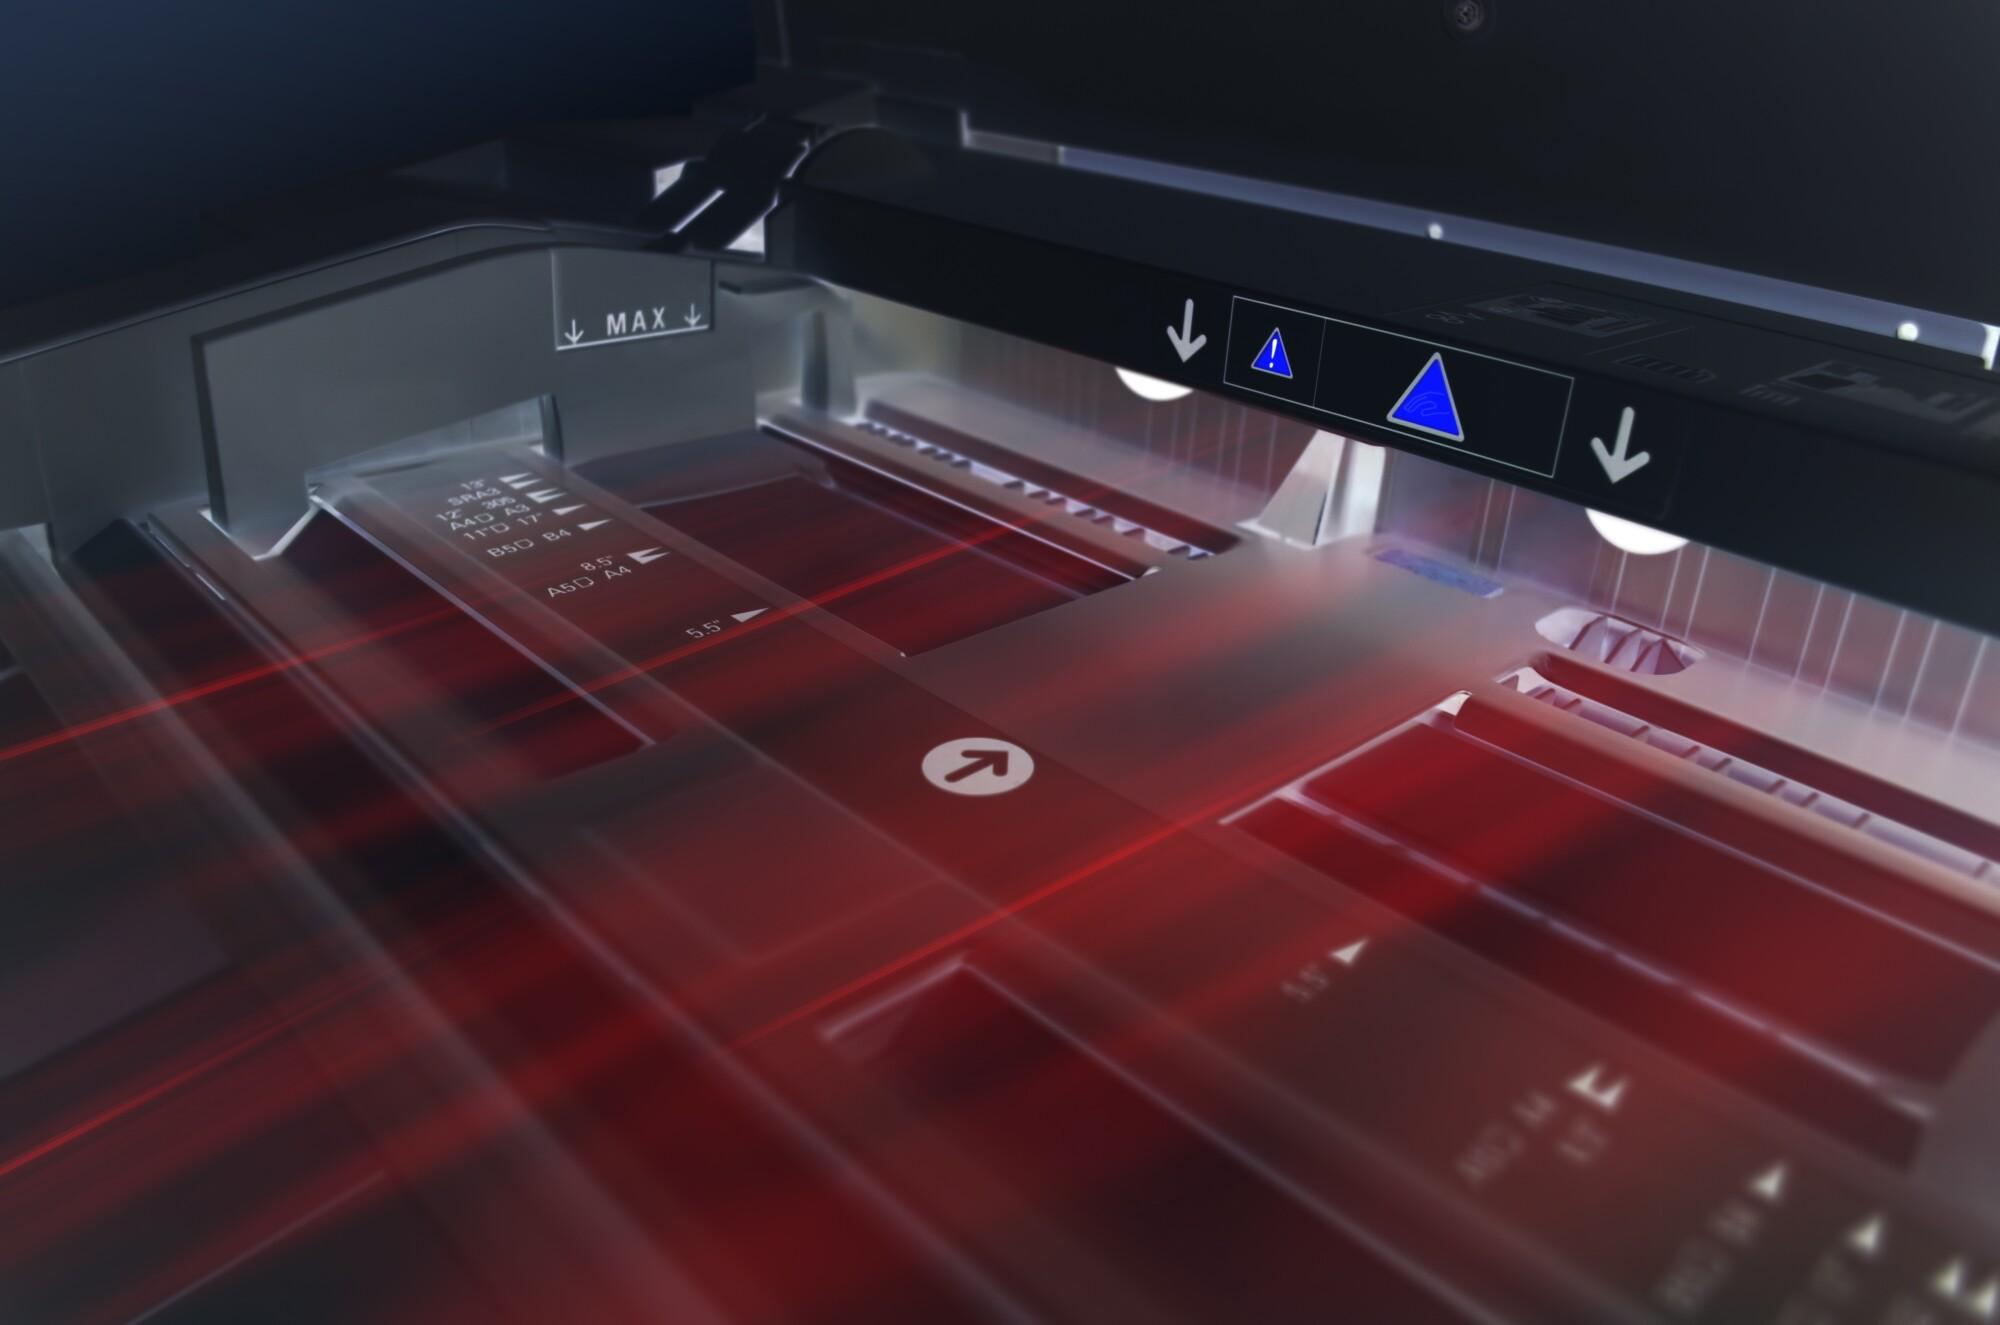 Local Digital Printers